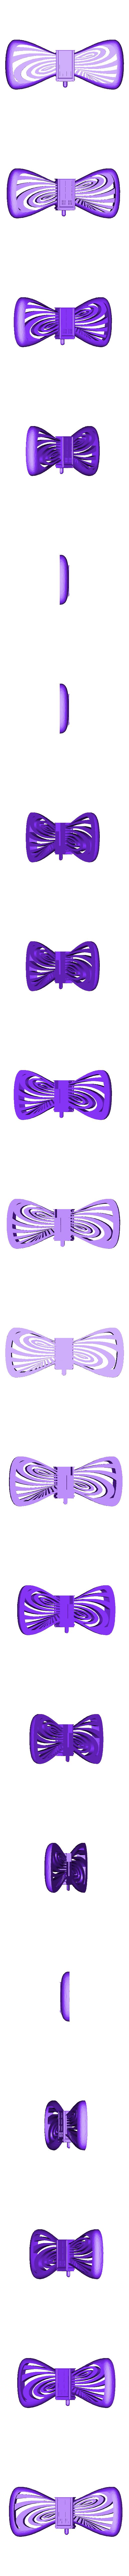 TardisBetterBalanaceBowTie.stl Télécharger fichier STL gratuit Noeud papillon avec bouton du Tardis • Modèle pour impression 3D, Chanrasp